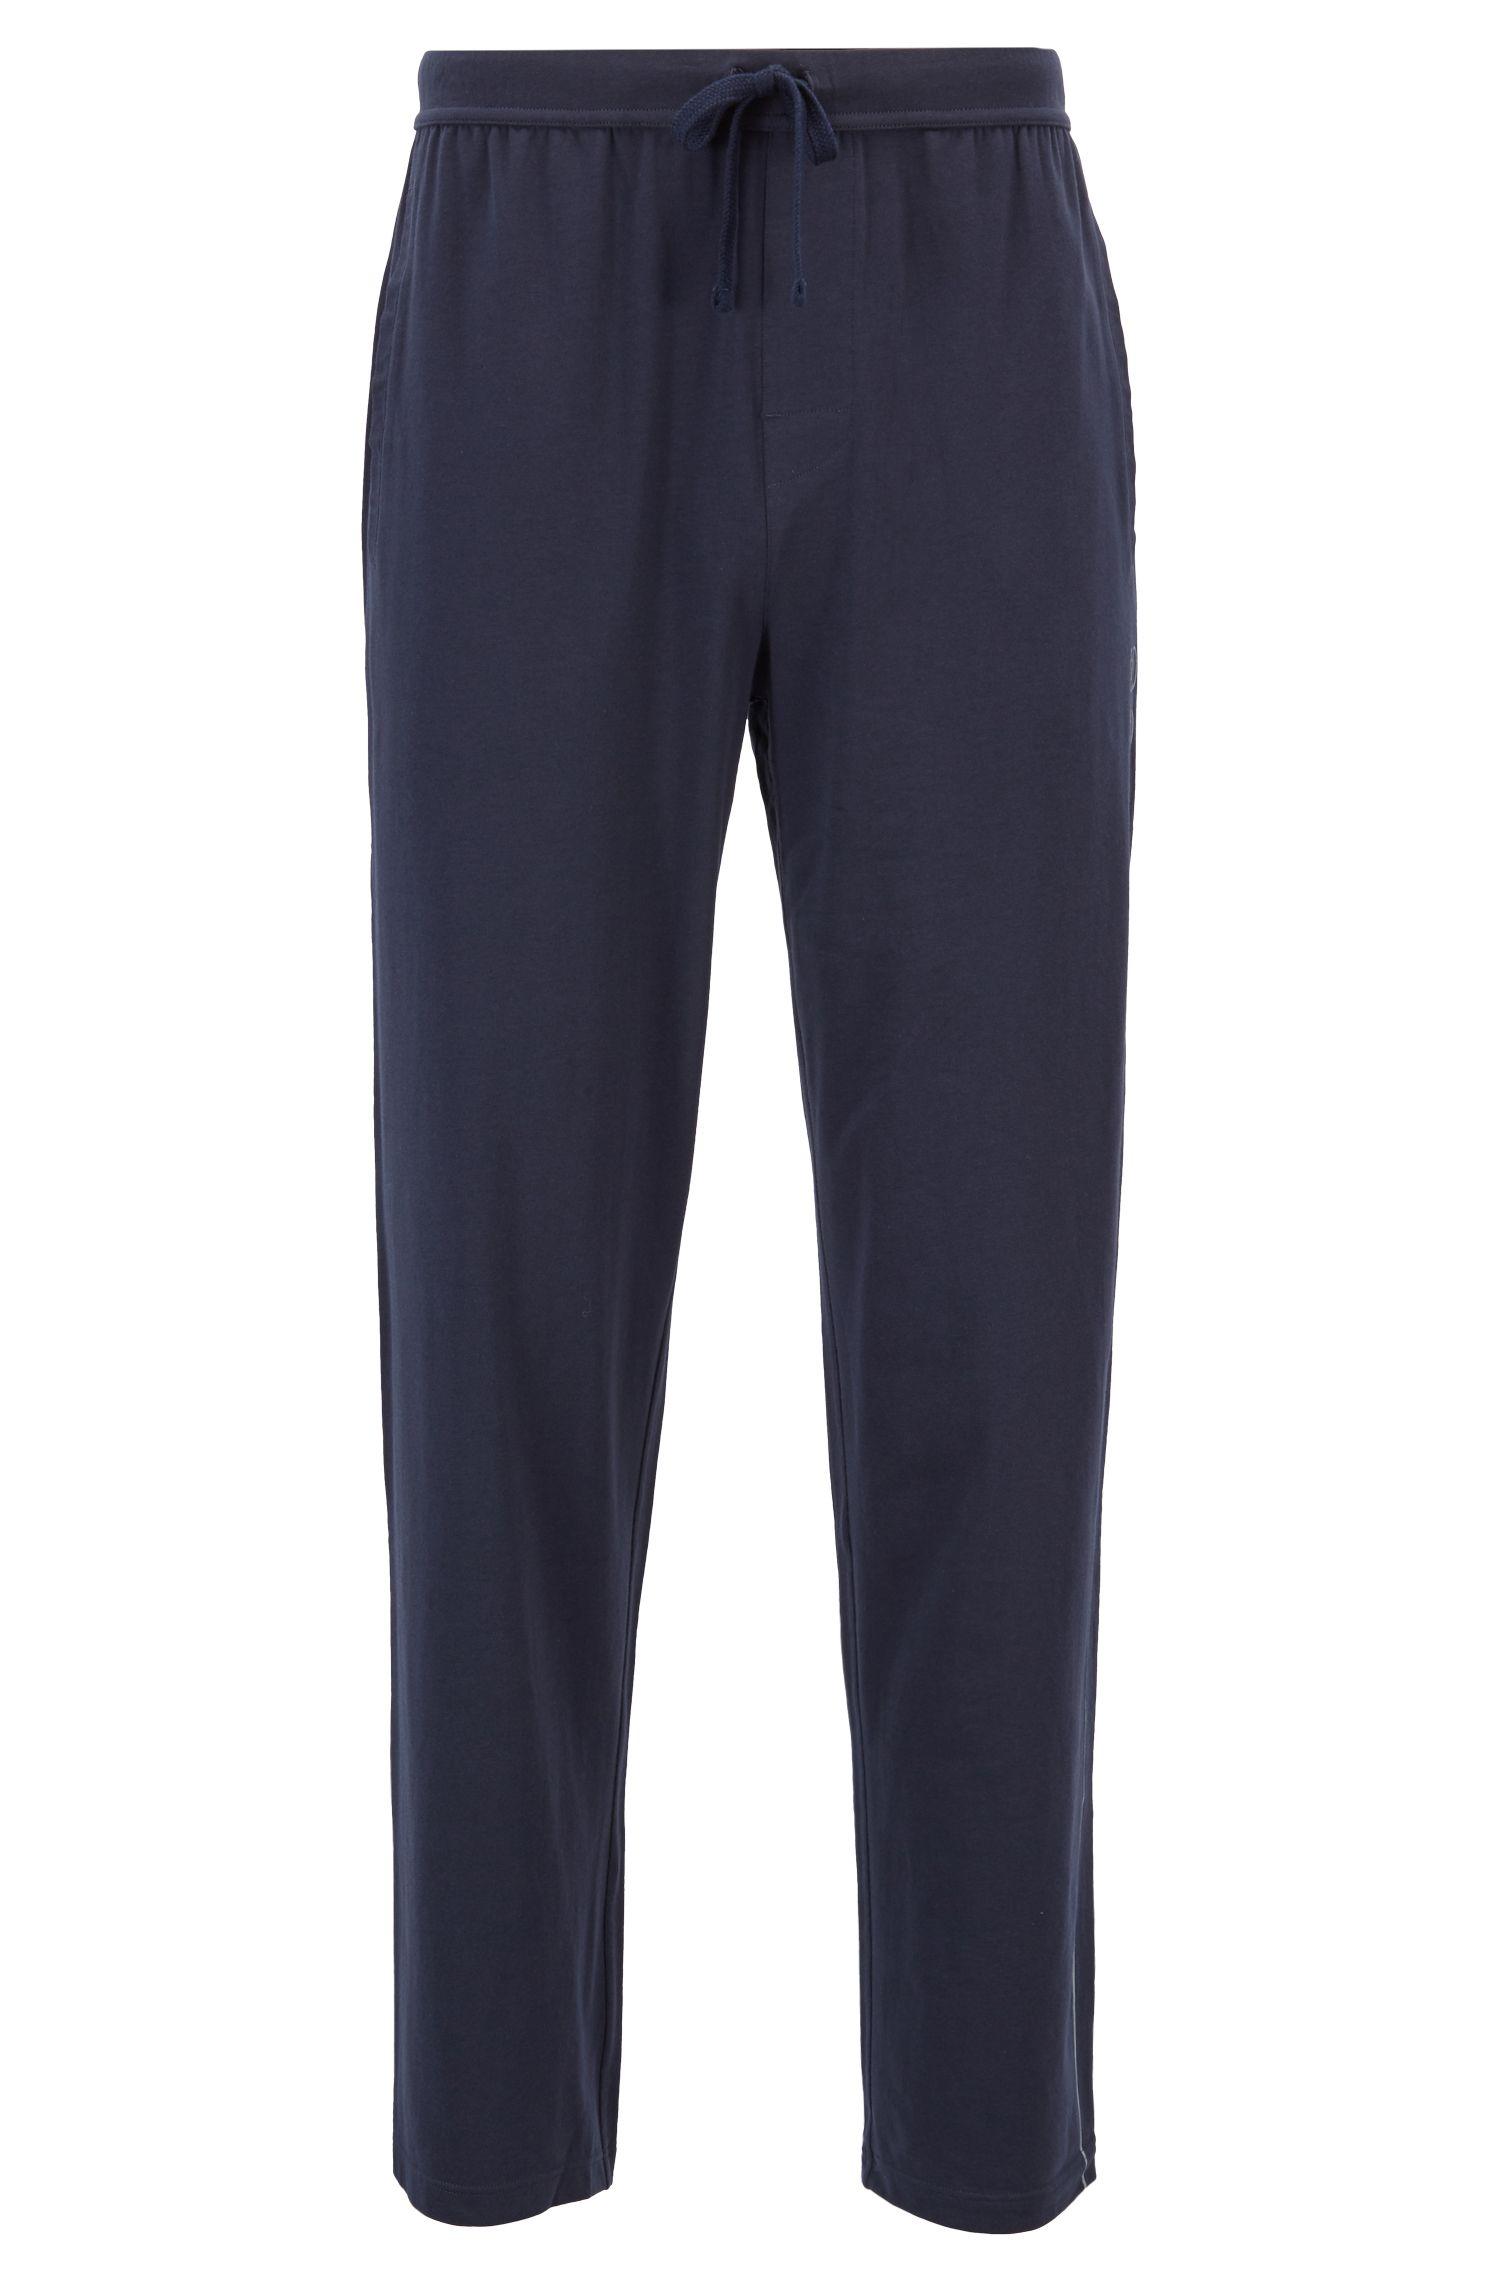 Stretch-jersey pyjama bottoms with side logo print, Dark Blue